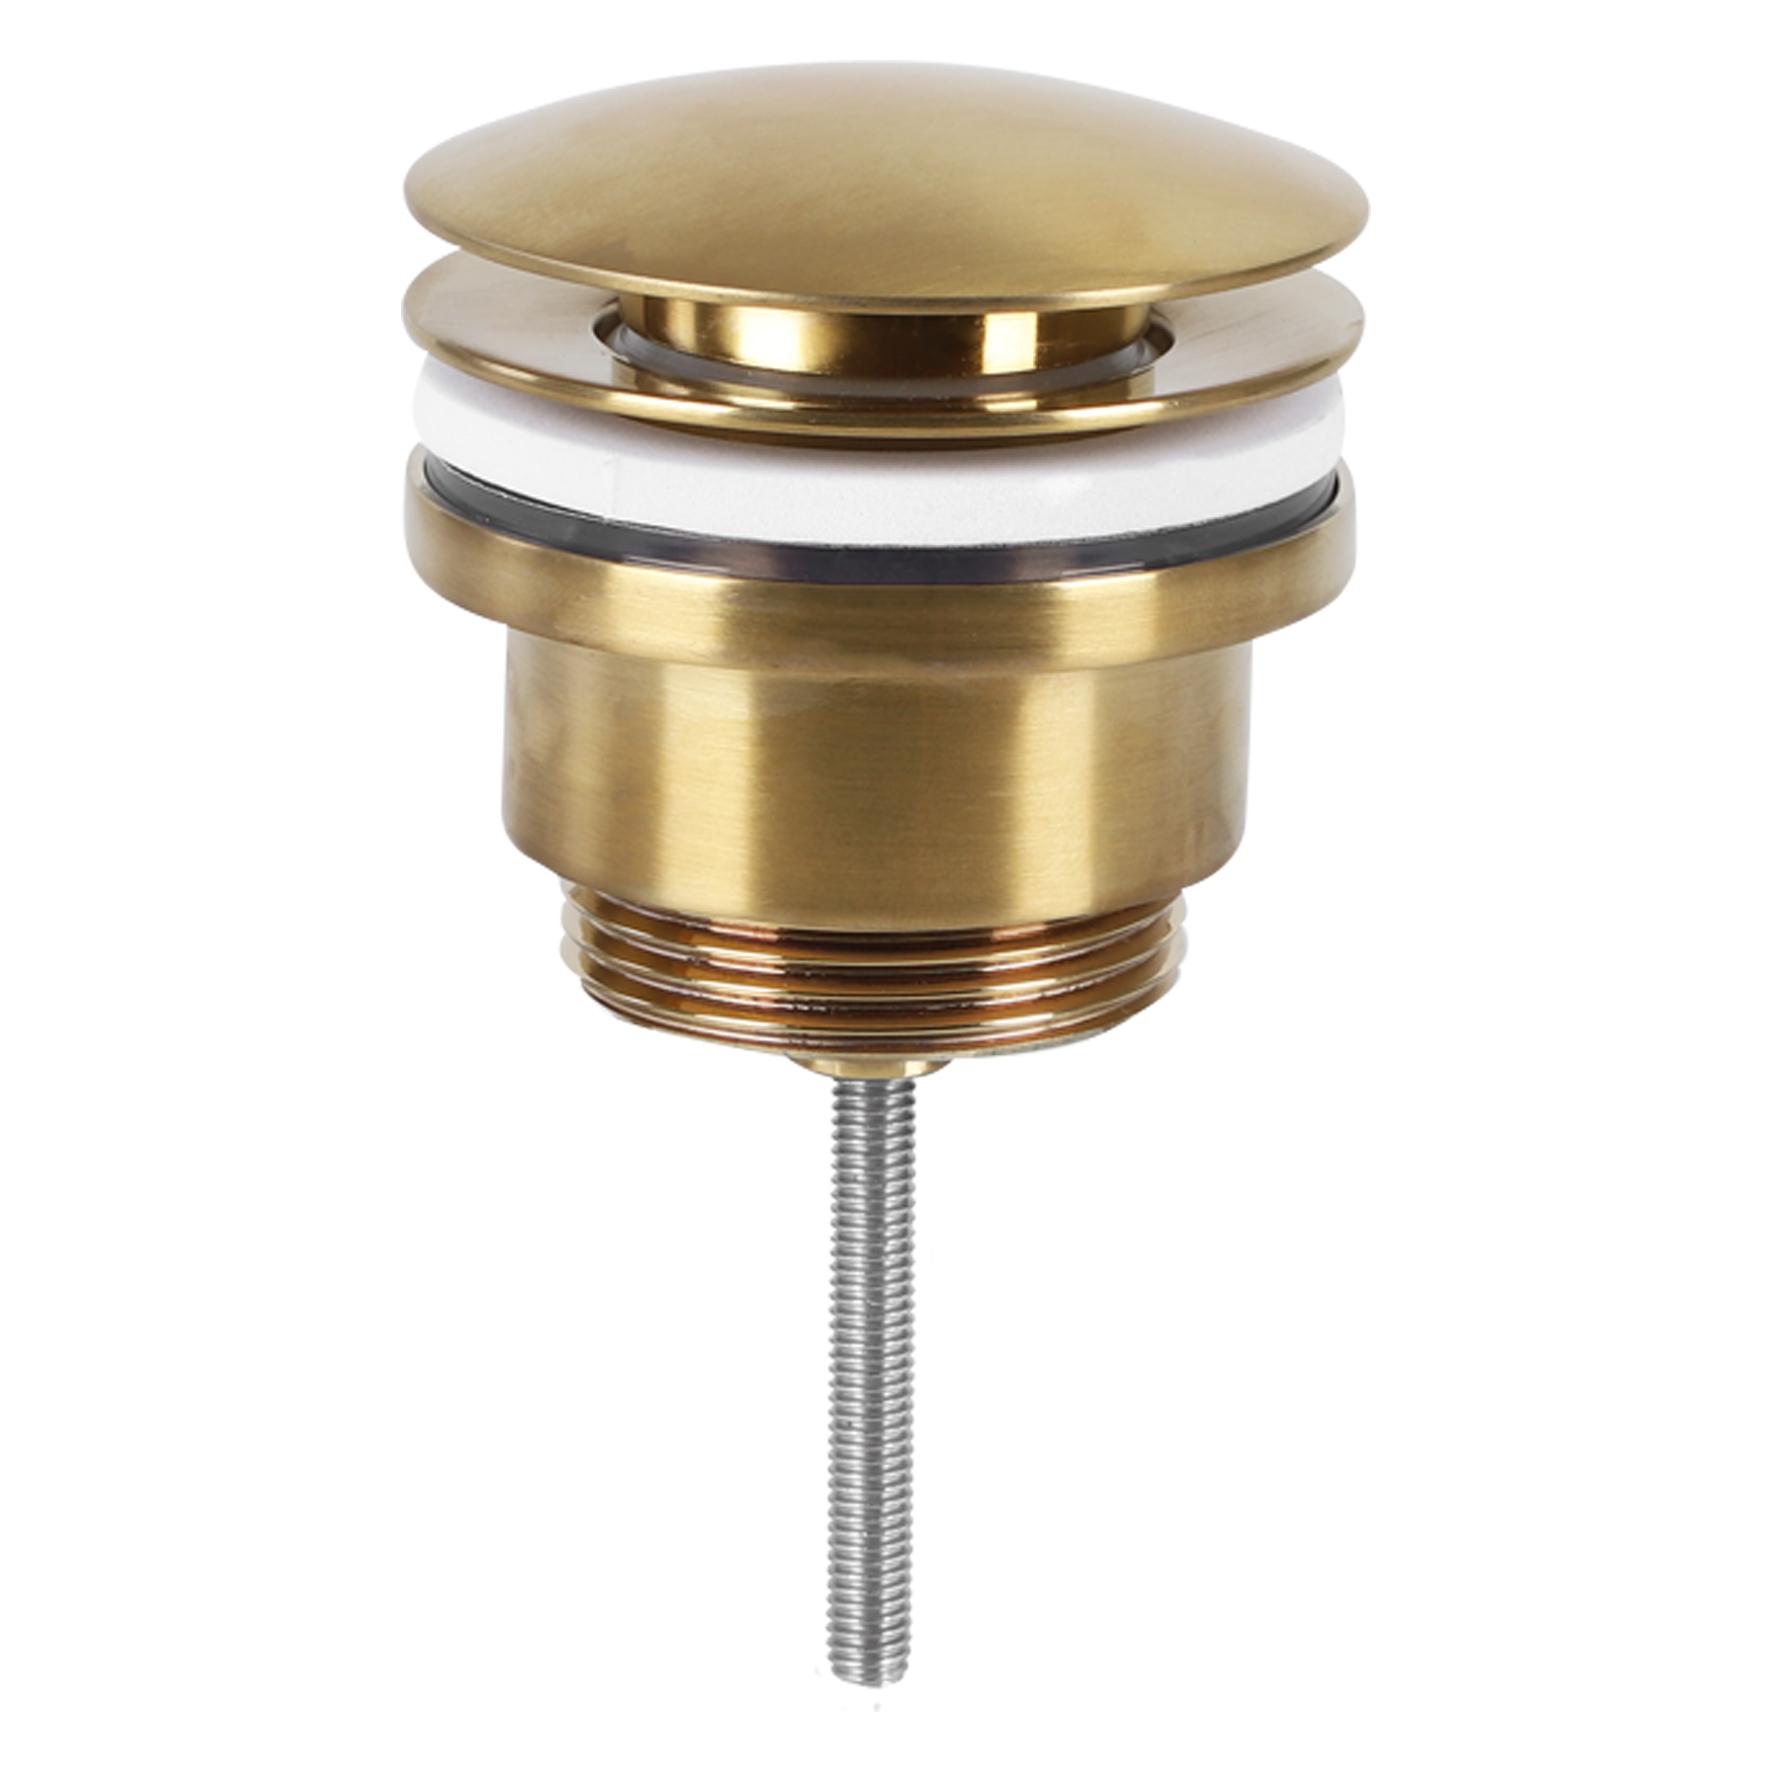 Differnz afvoerplug pop up design mat goud